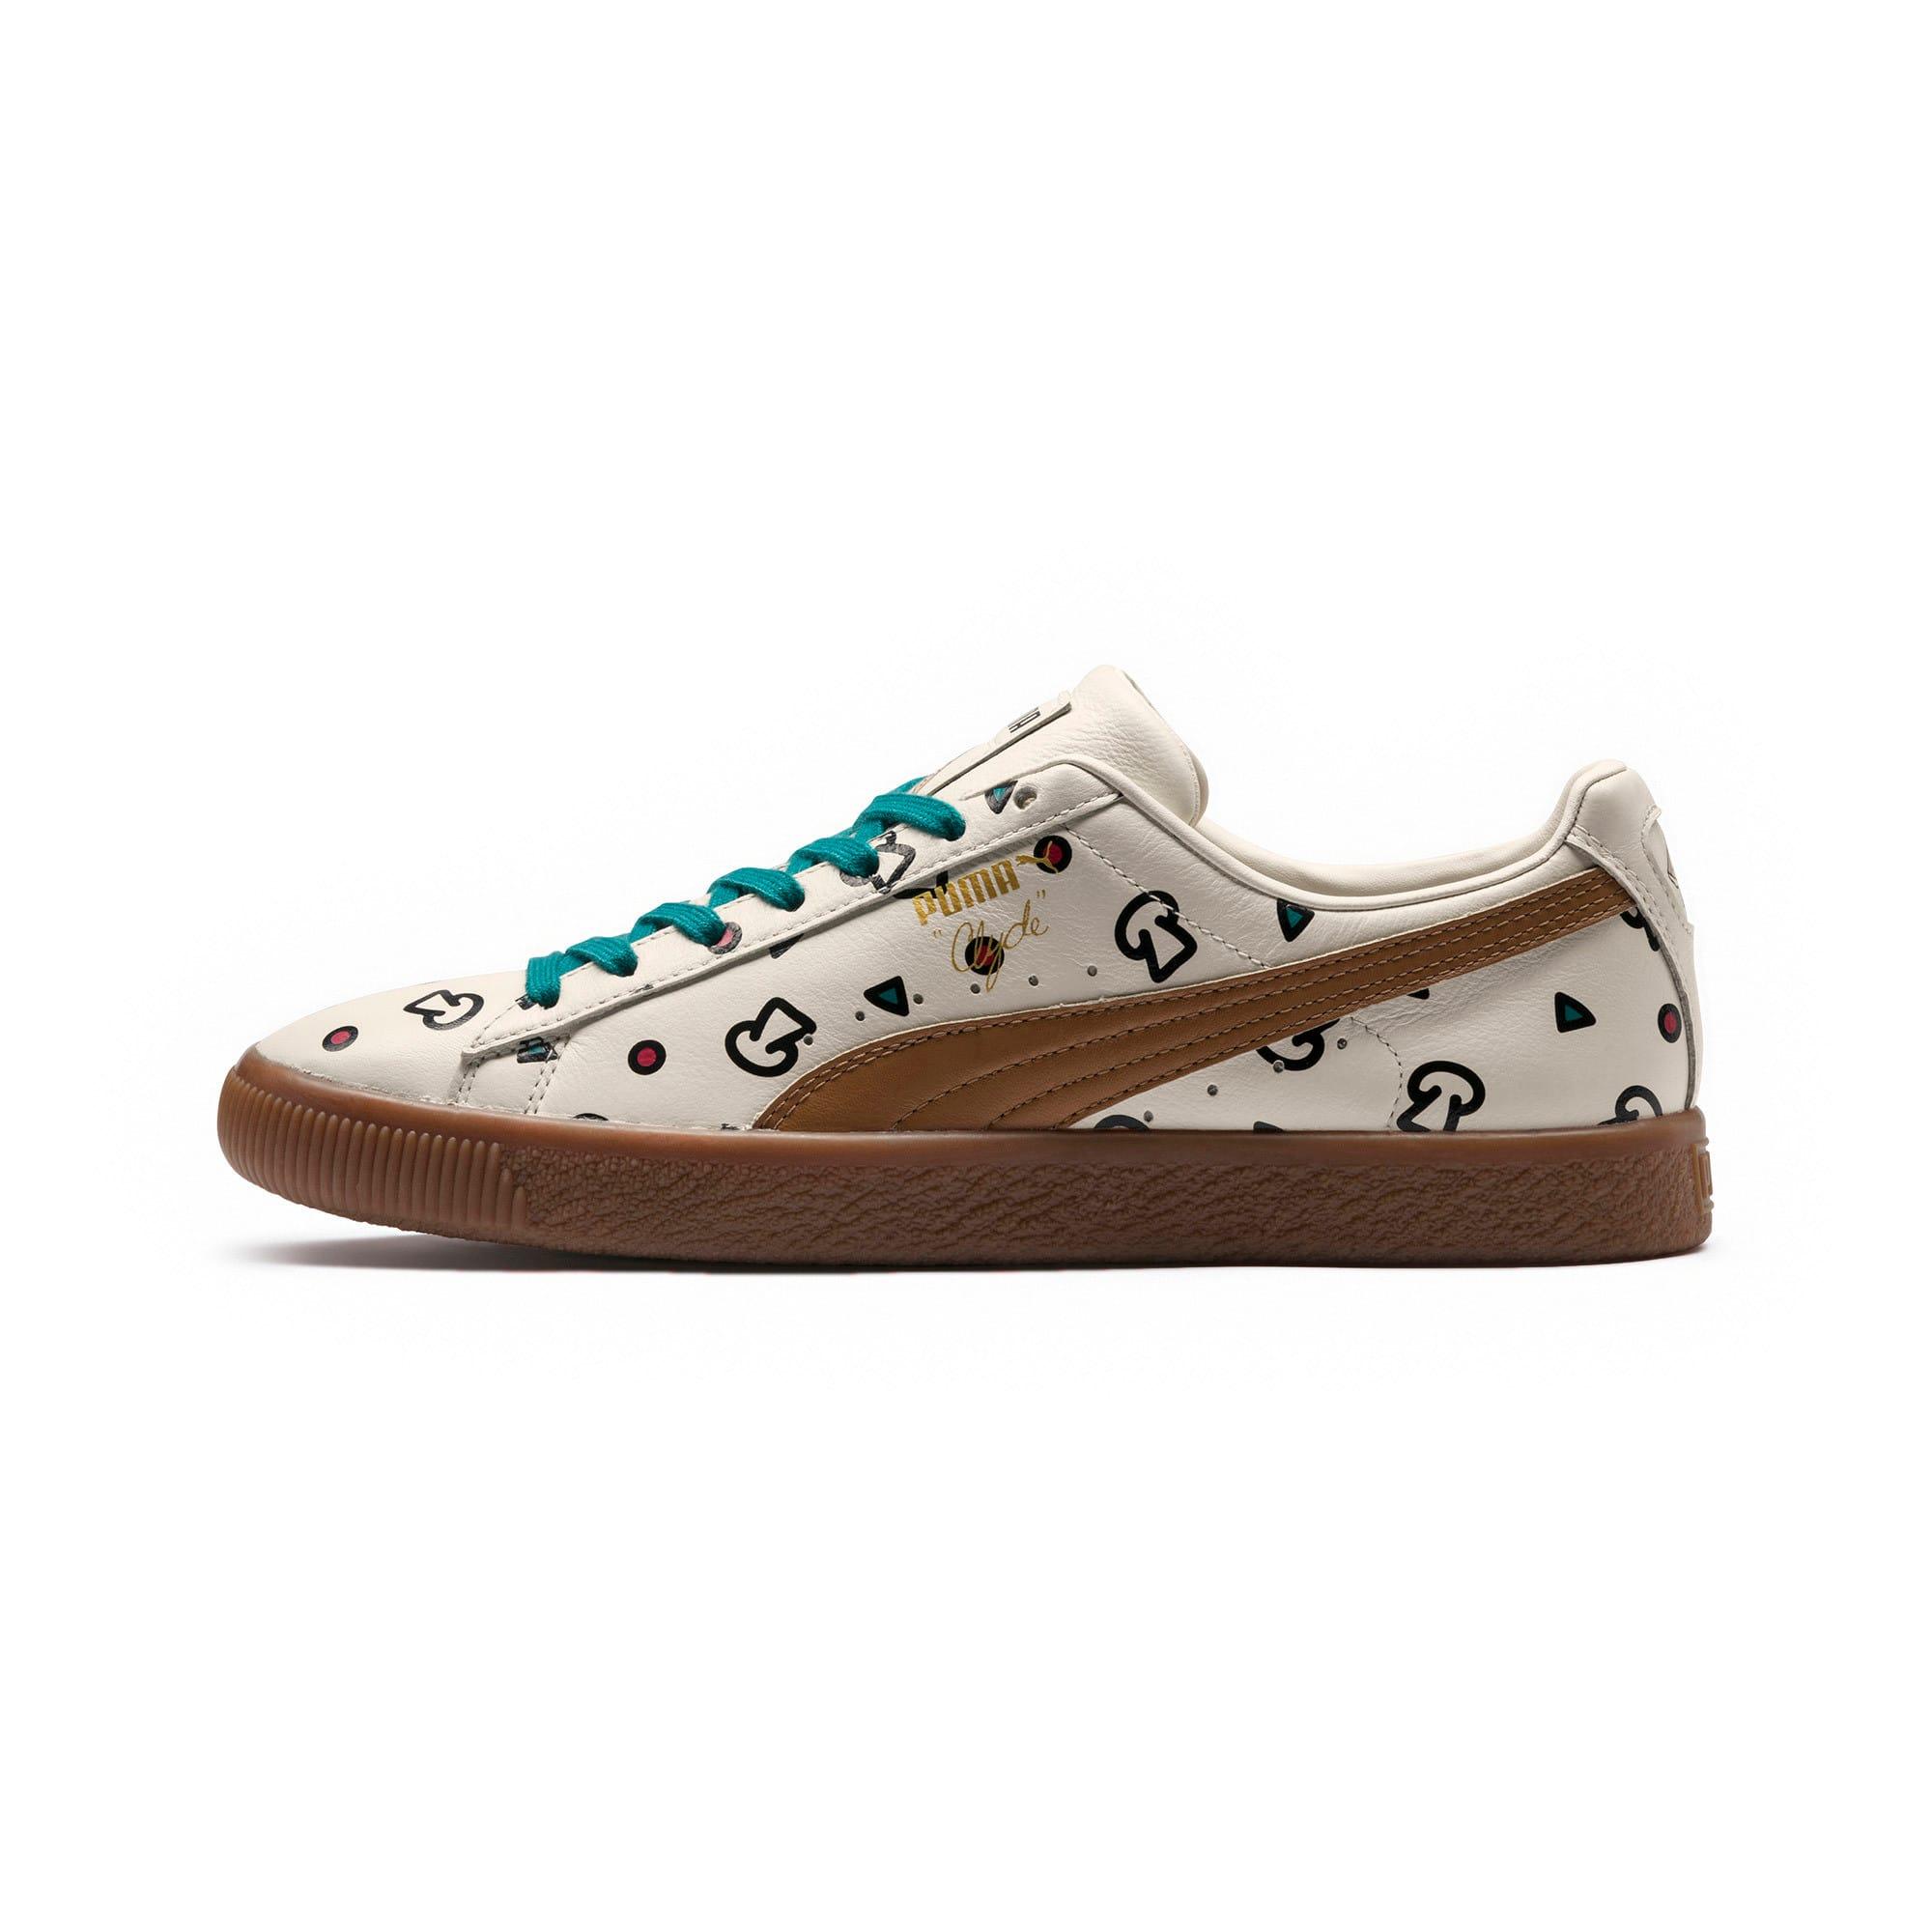 Thumbnail 1 of PUMA x TYAKASHA Clyde Graphic Sneakers, Birch, medium